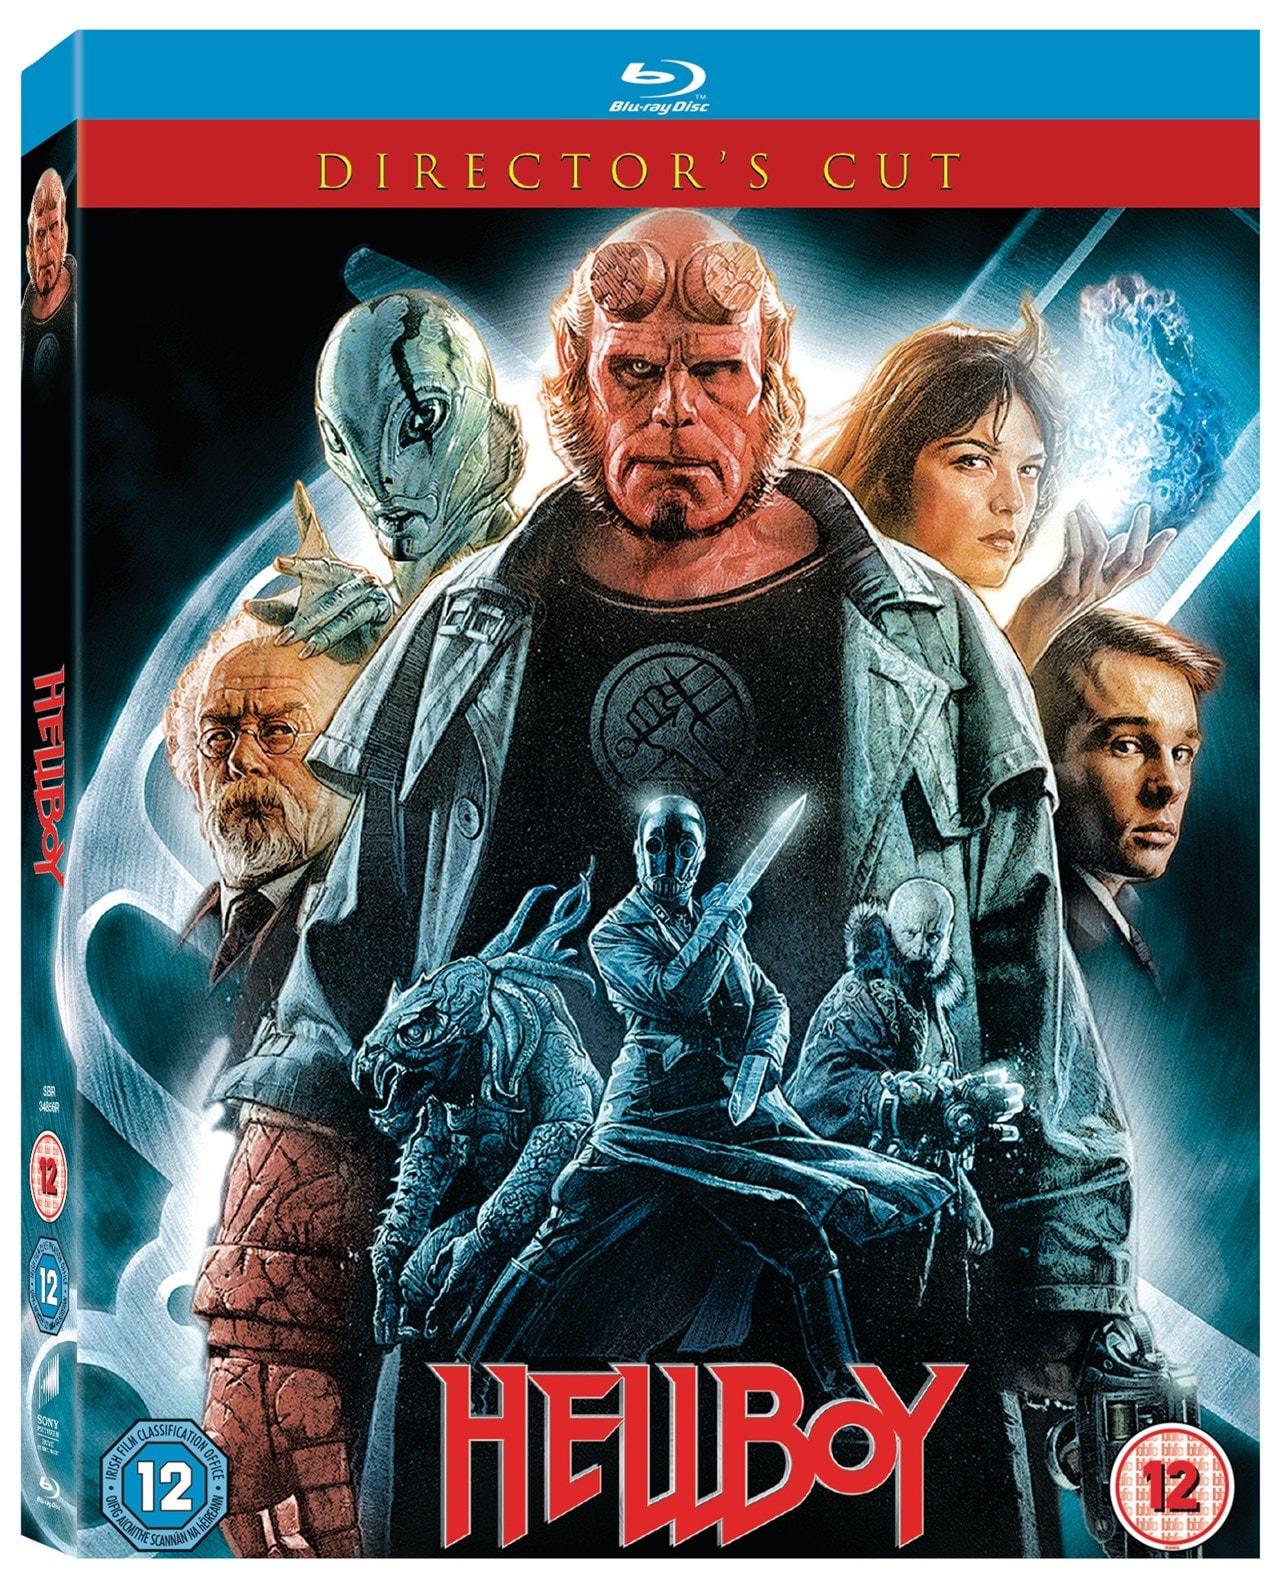 Hellboy: Director's Cut - 4